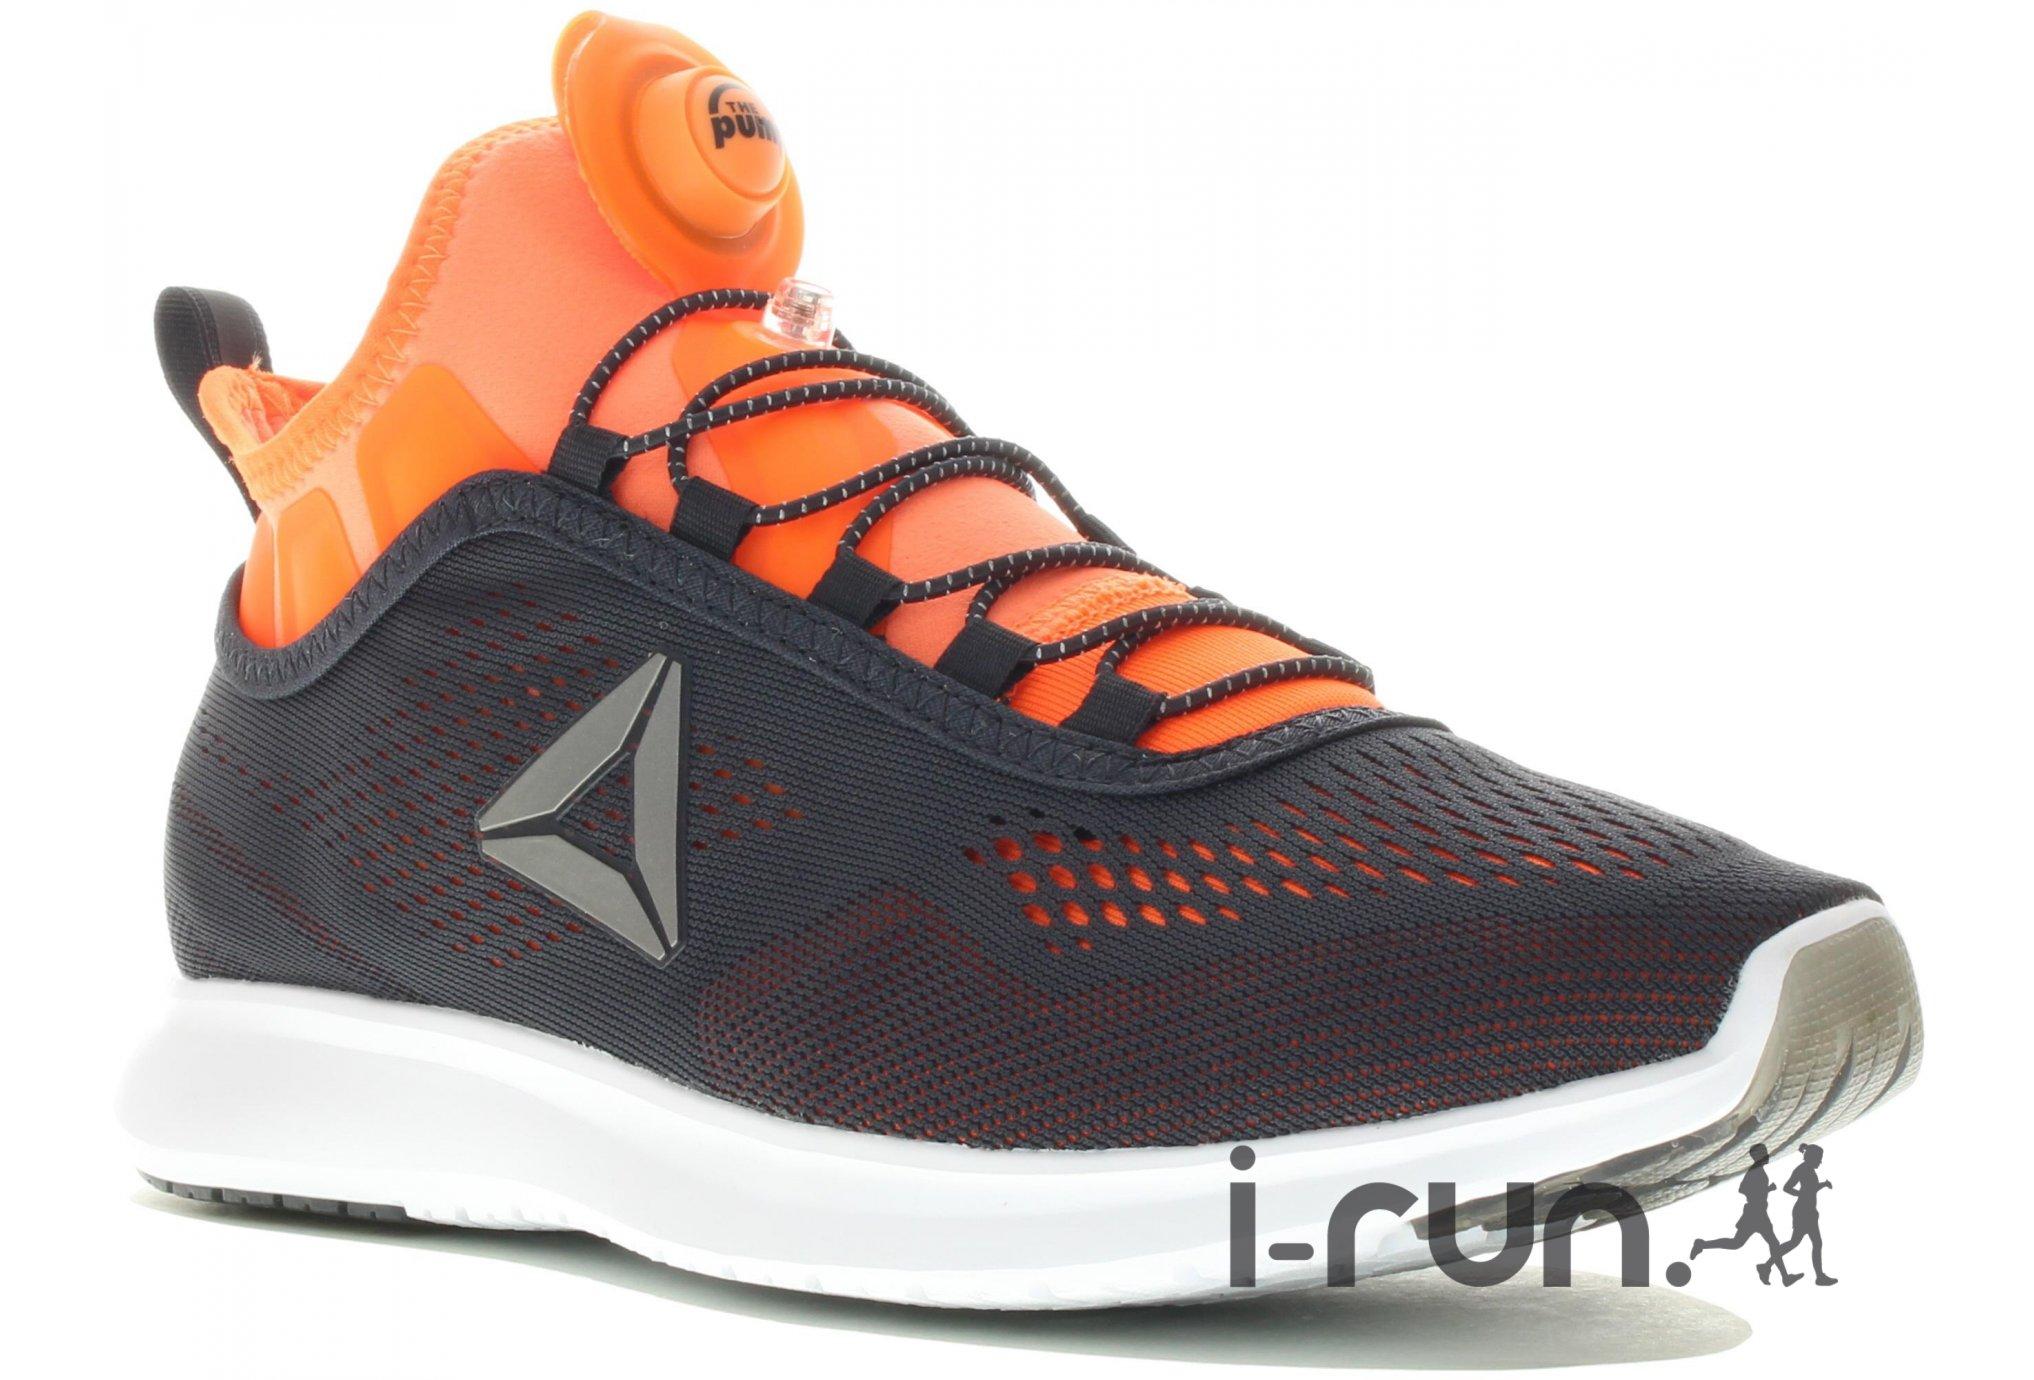 Reebok Pump Plus Tech M Diététique Chaussures homme